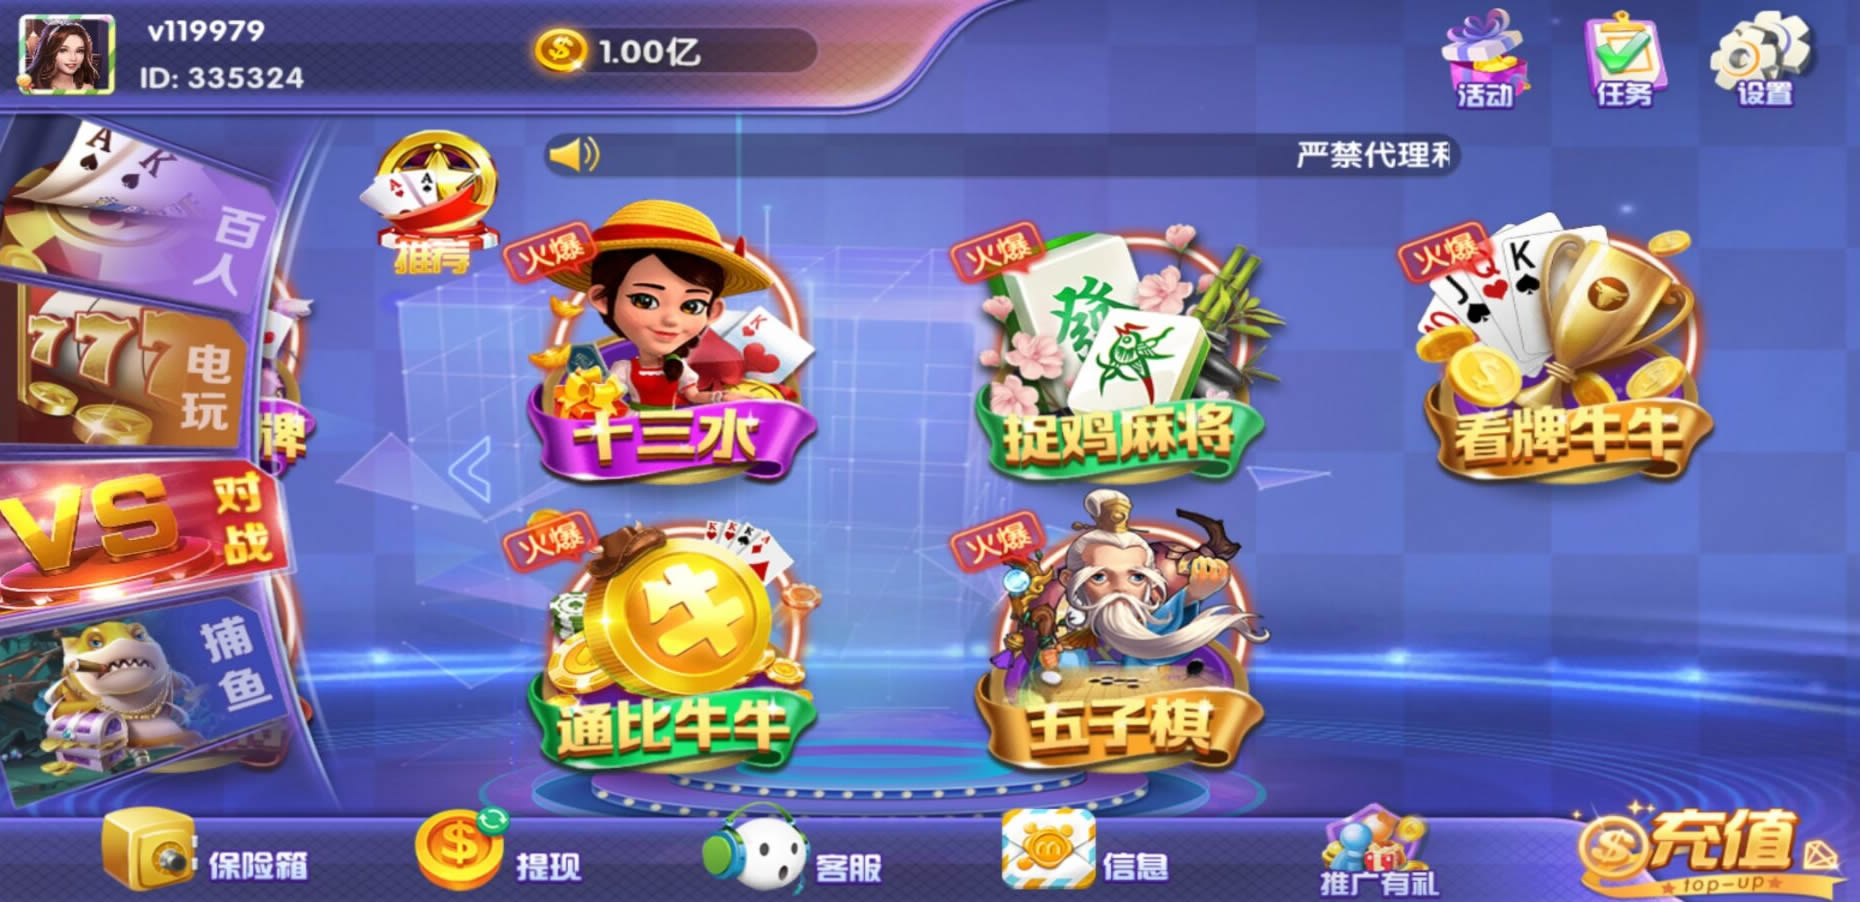 百棋大众 第二套UI 潮人娱乐,20多款子游戏 运营版插图(4)